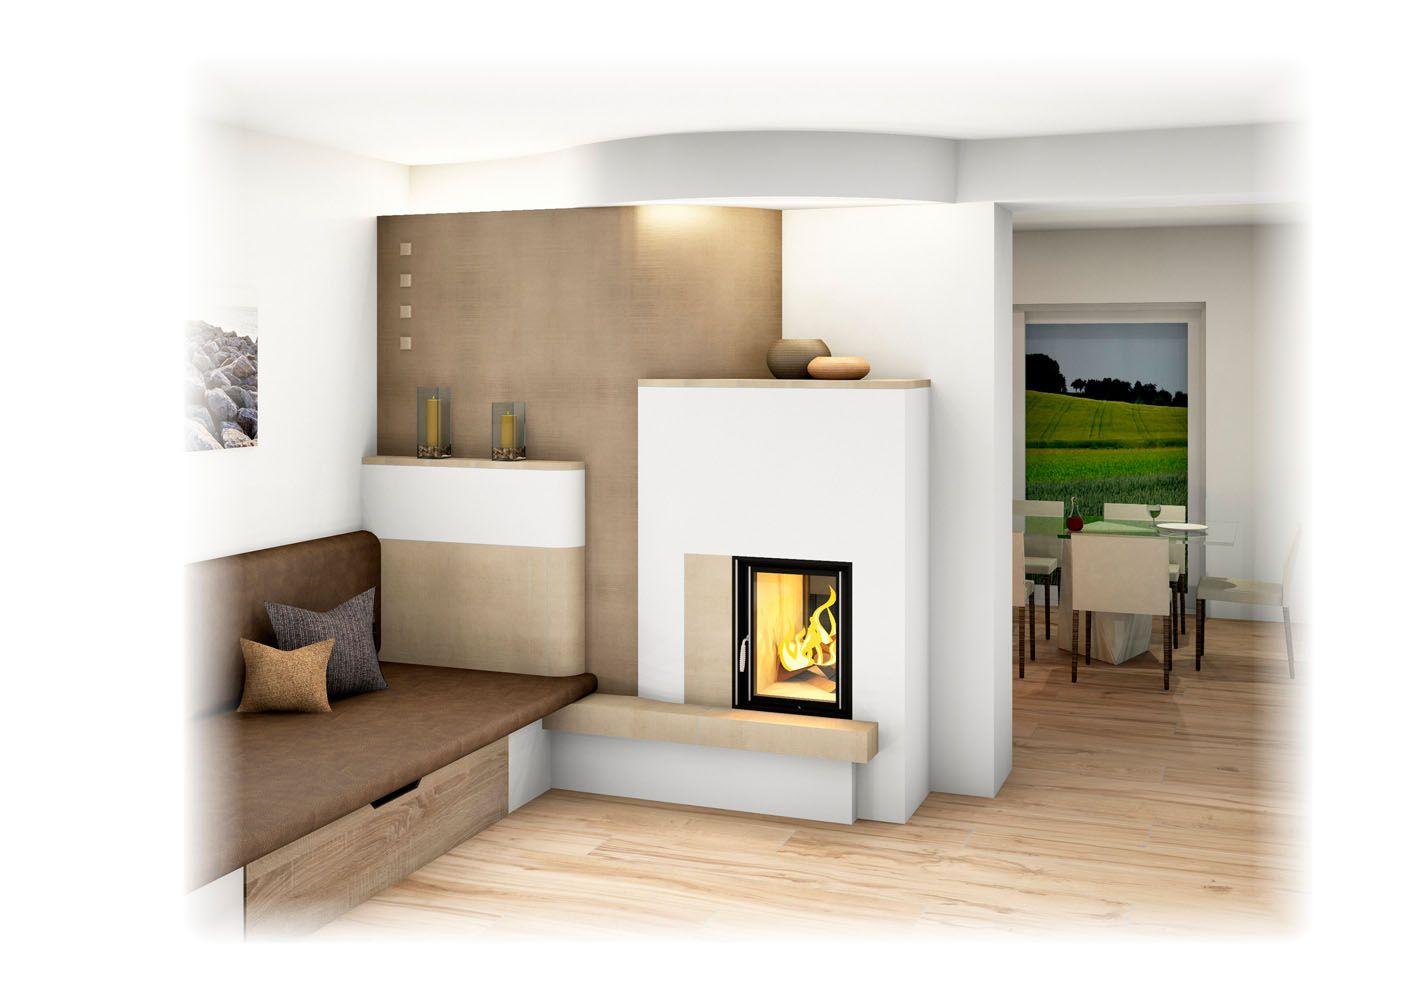 kachelofen modern mit sichfenster und liegefl che wohnideen pinterest house styles home. Black Bedroom Furniture Sets. Home Design Ideas